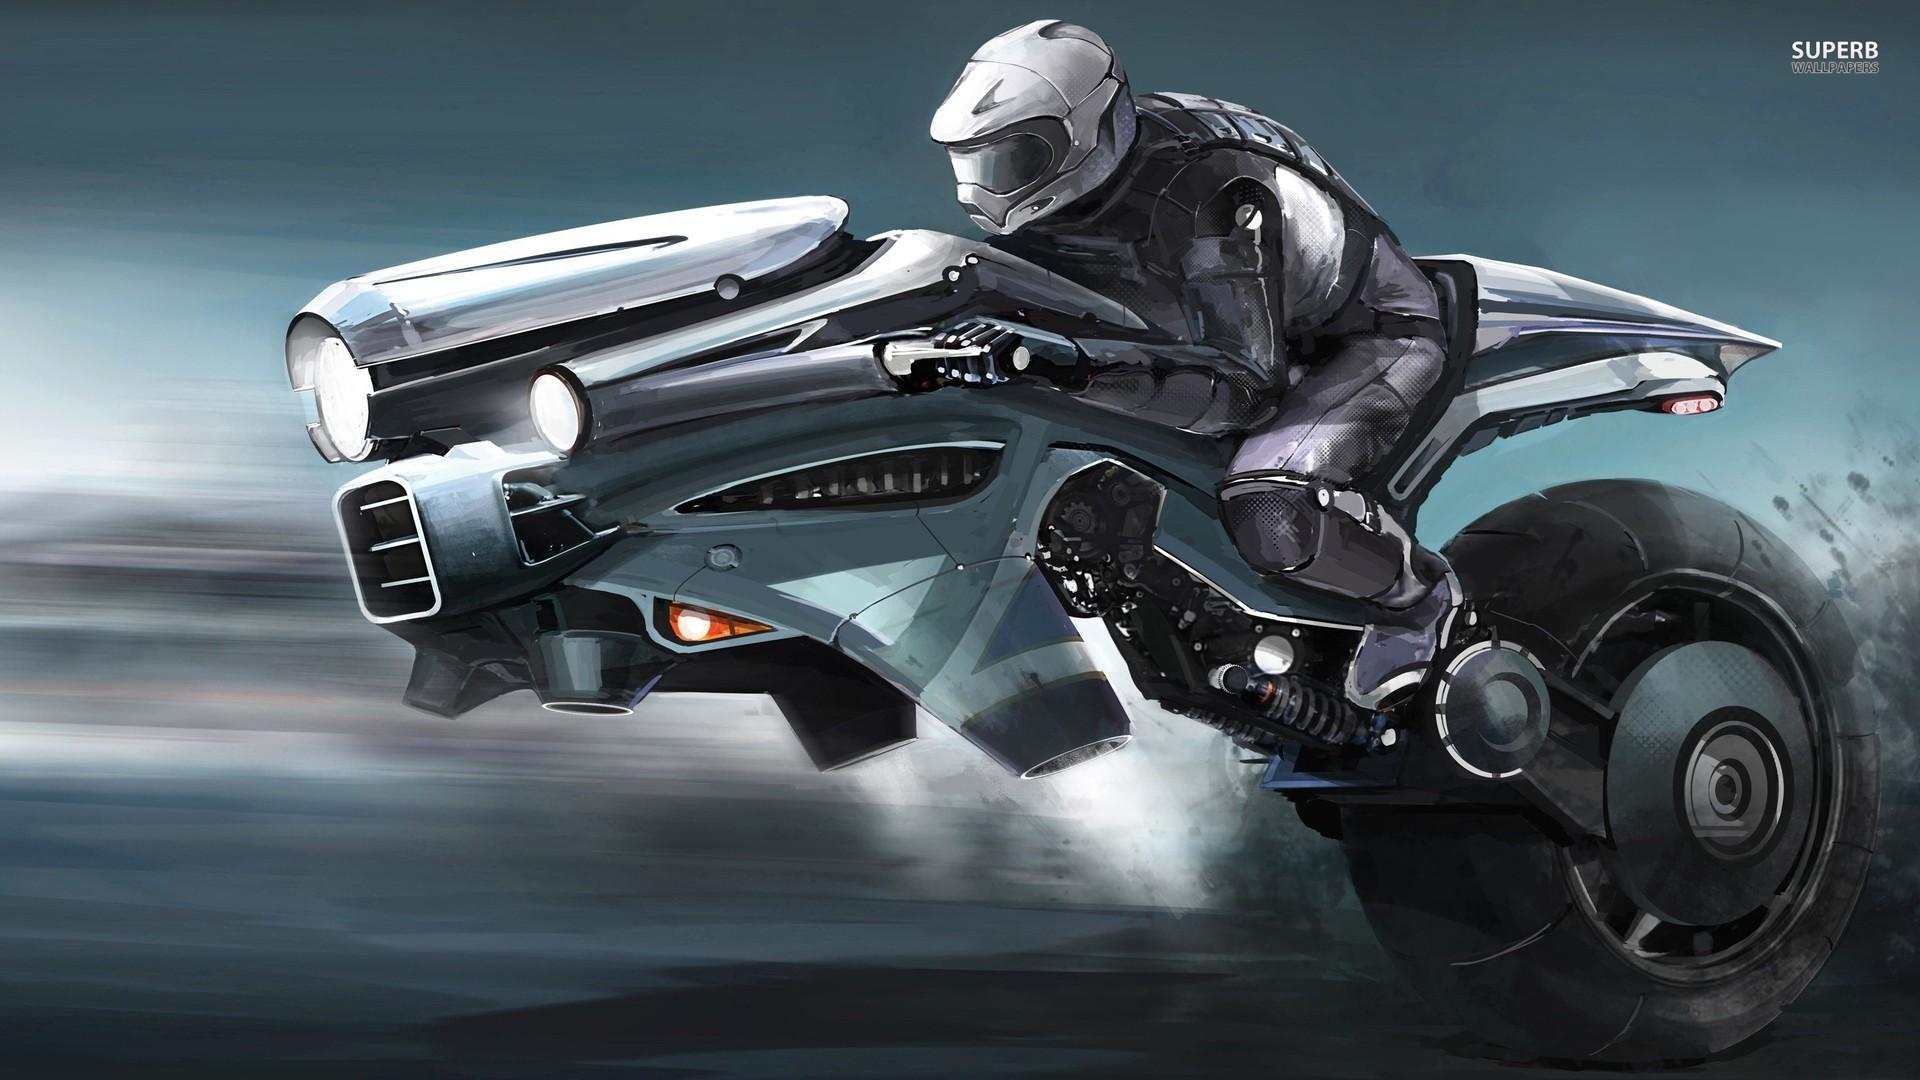 Future Futuristic Motorcycle